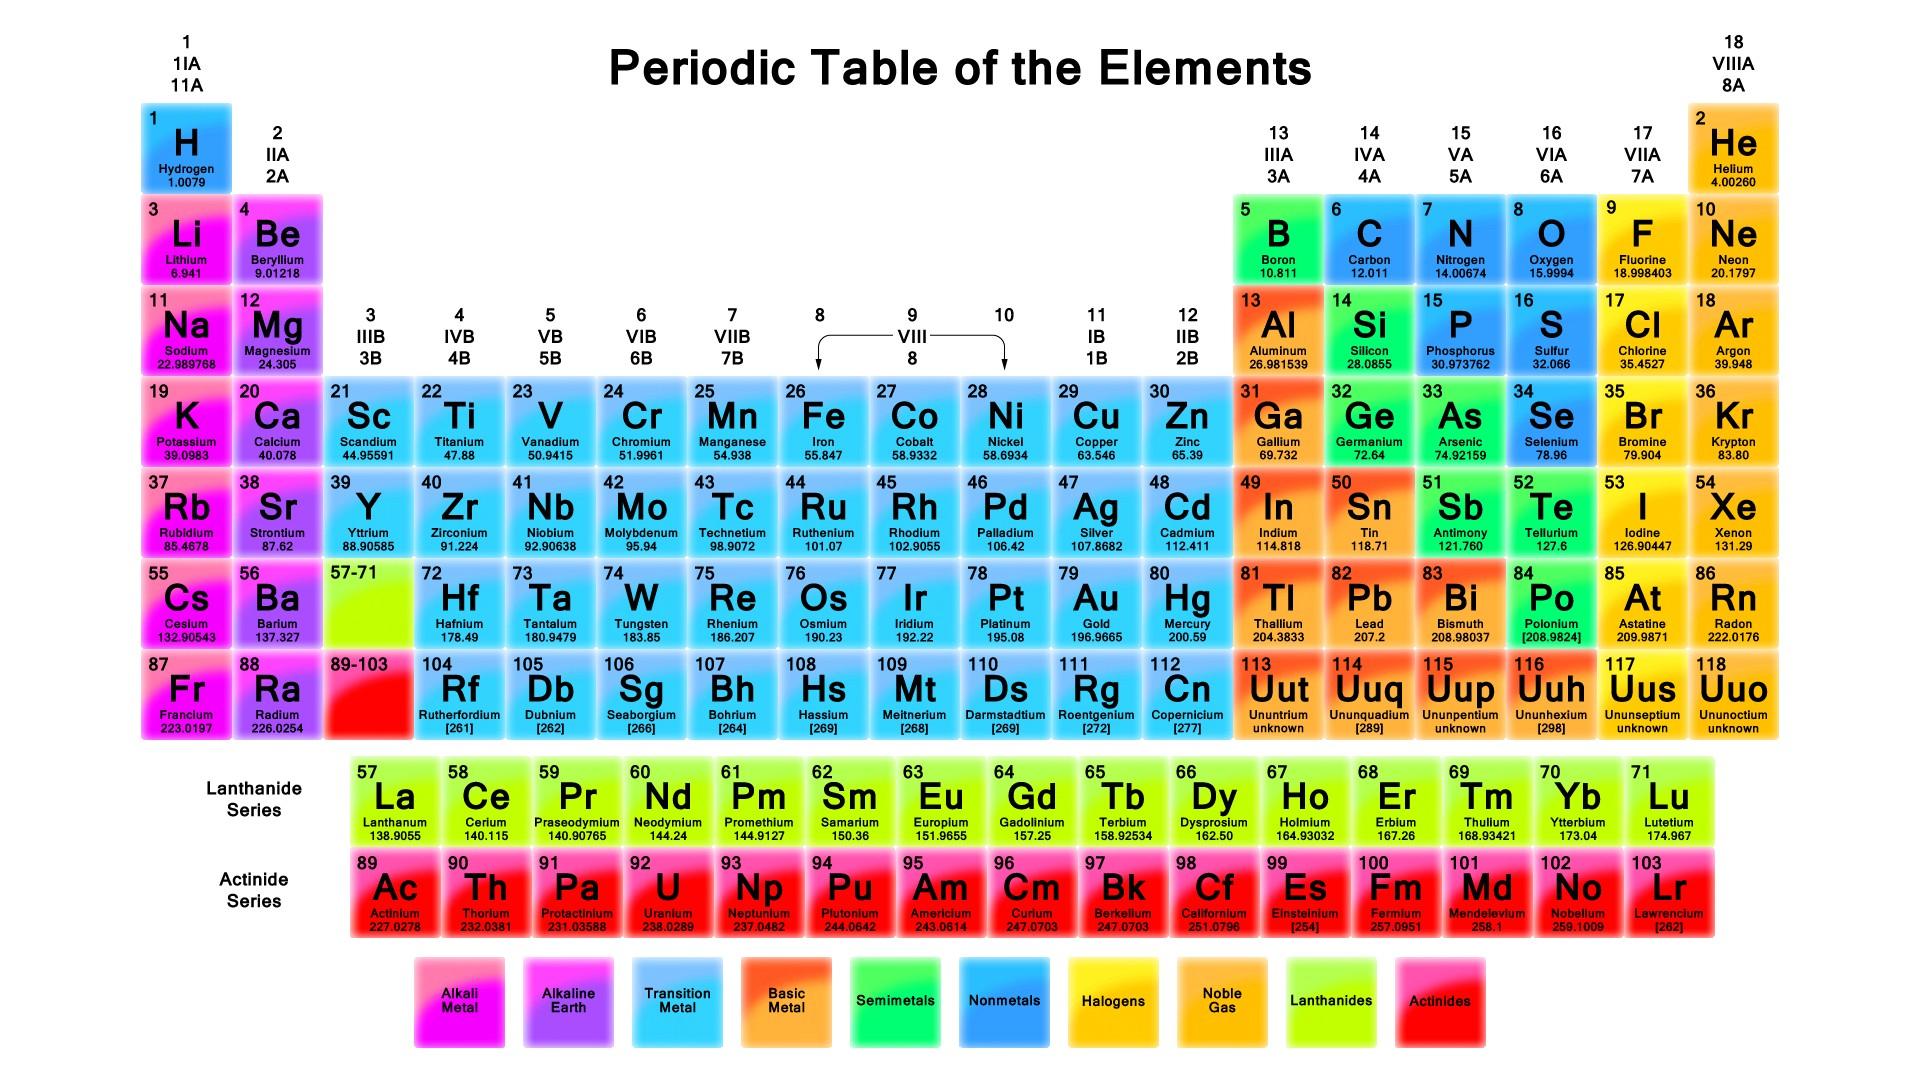 Fondos de pantalla 1920x1080 px qumica vistoso elementos 1920x1080 px qumica vistoso elementos conocimiento carta nmeros tabla peridica ciencia cuadrado texto fondo blanco urtaz Image collections